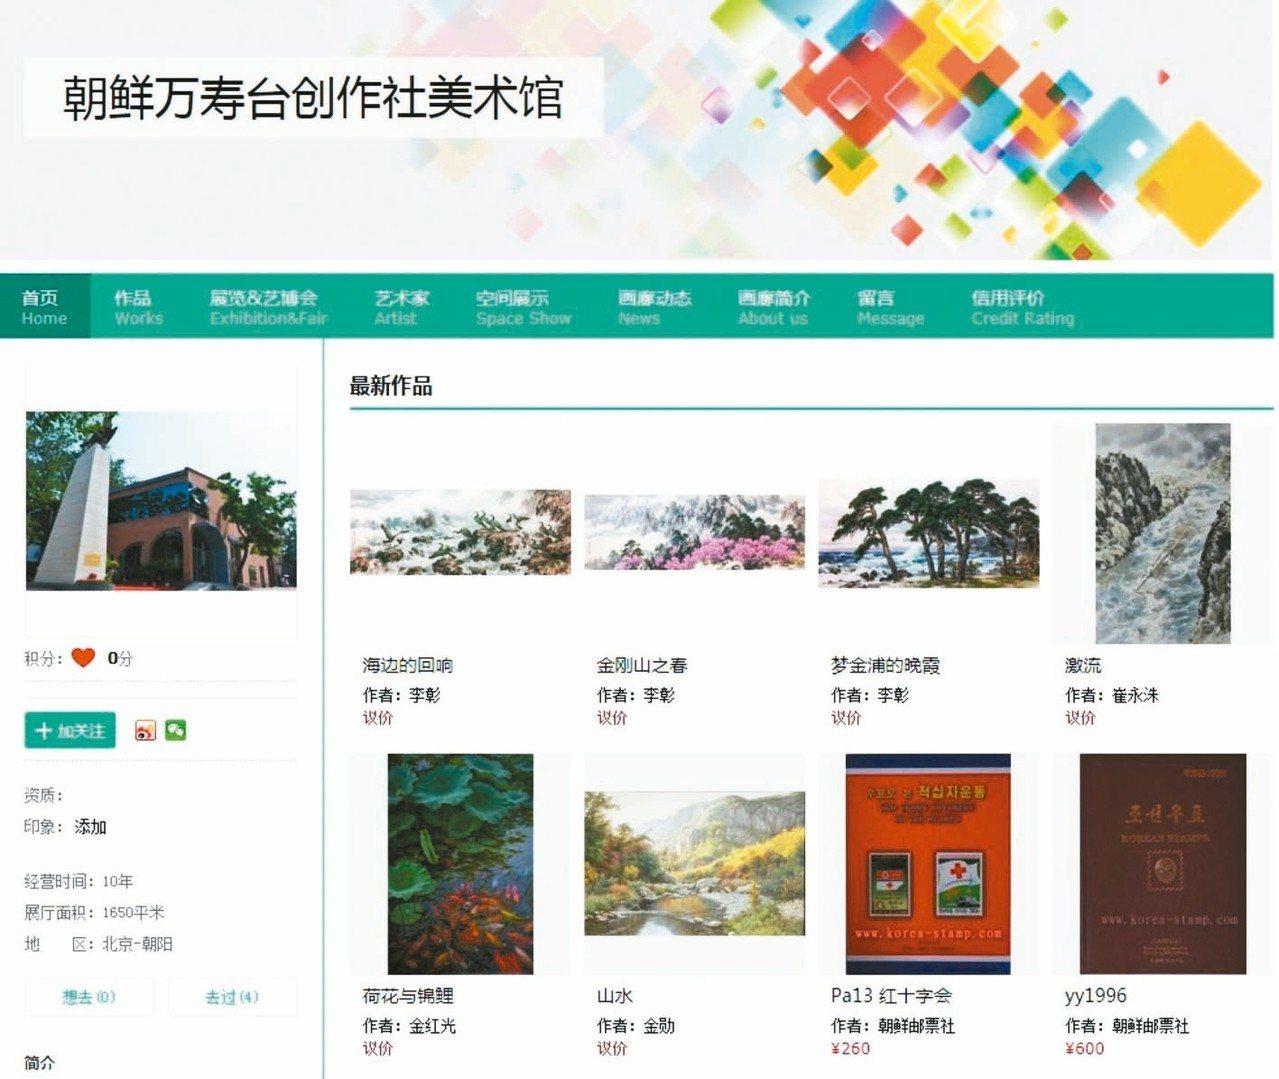 北韓在北京798藝術區設立「北韓萬壽臺創作社美術館」,官網販售許多北韓藝術家的畫...